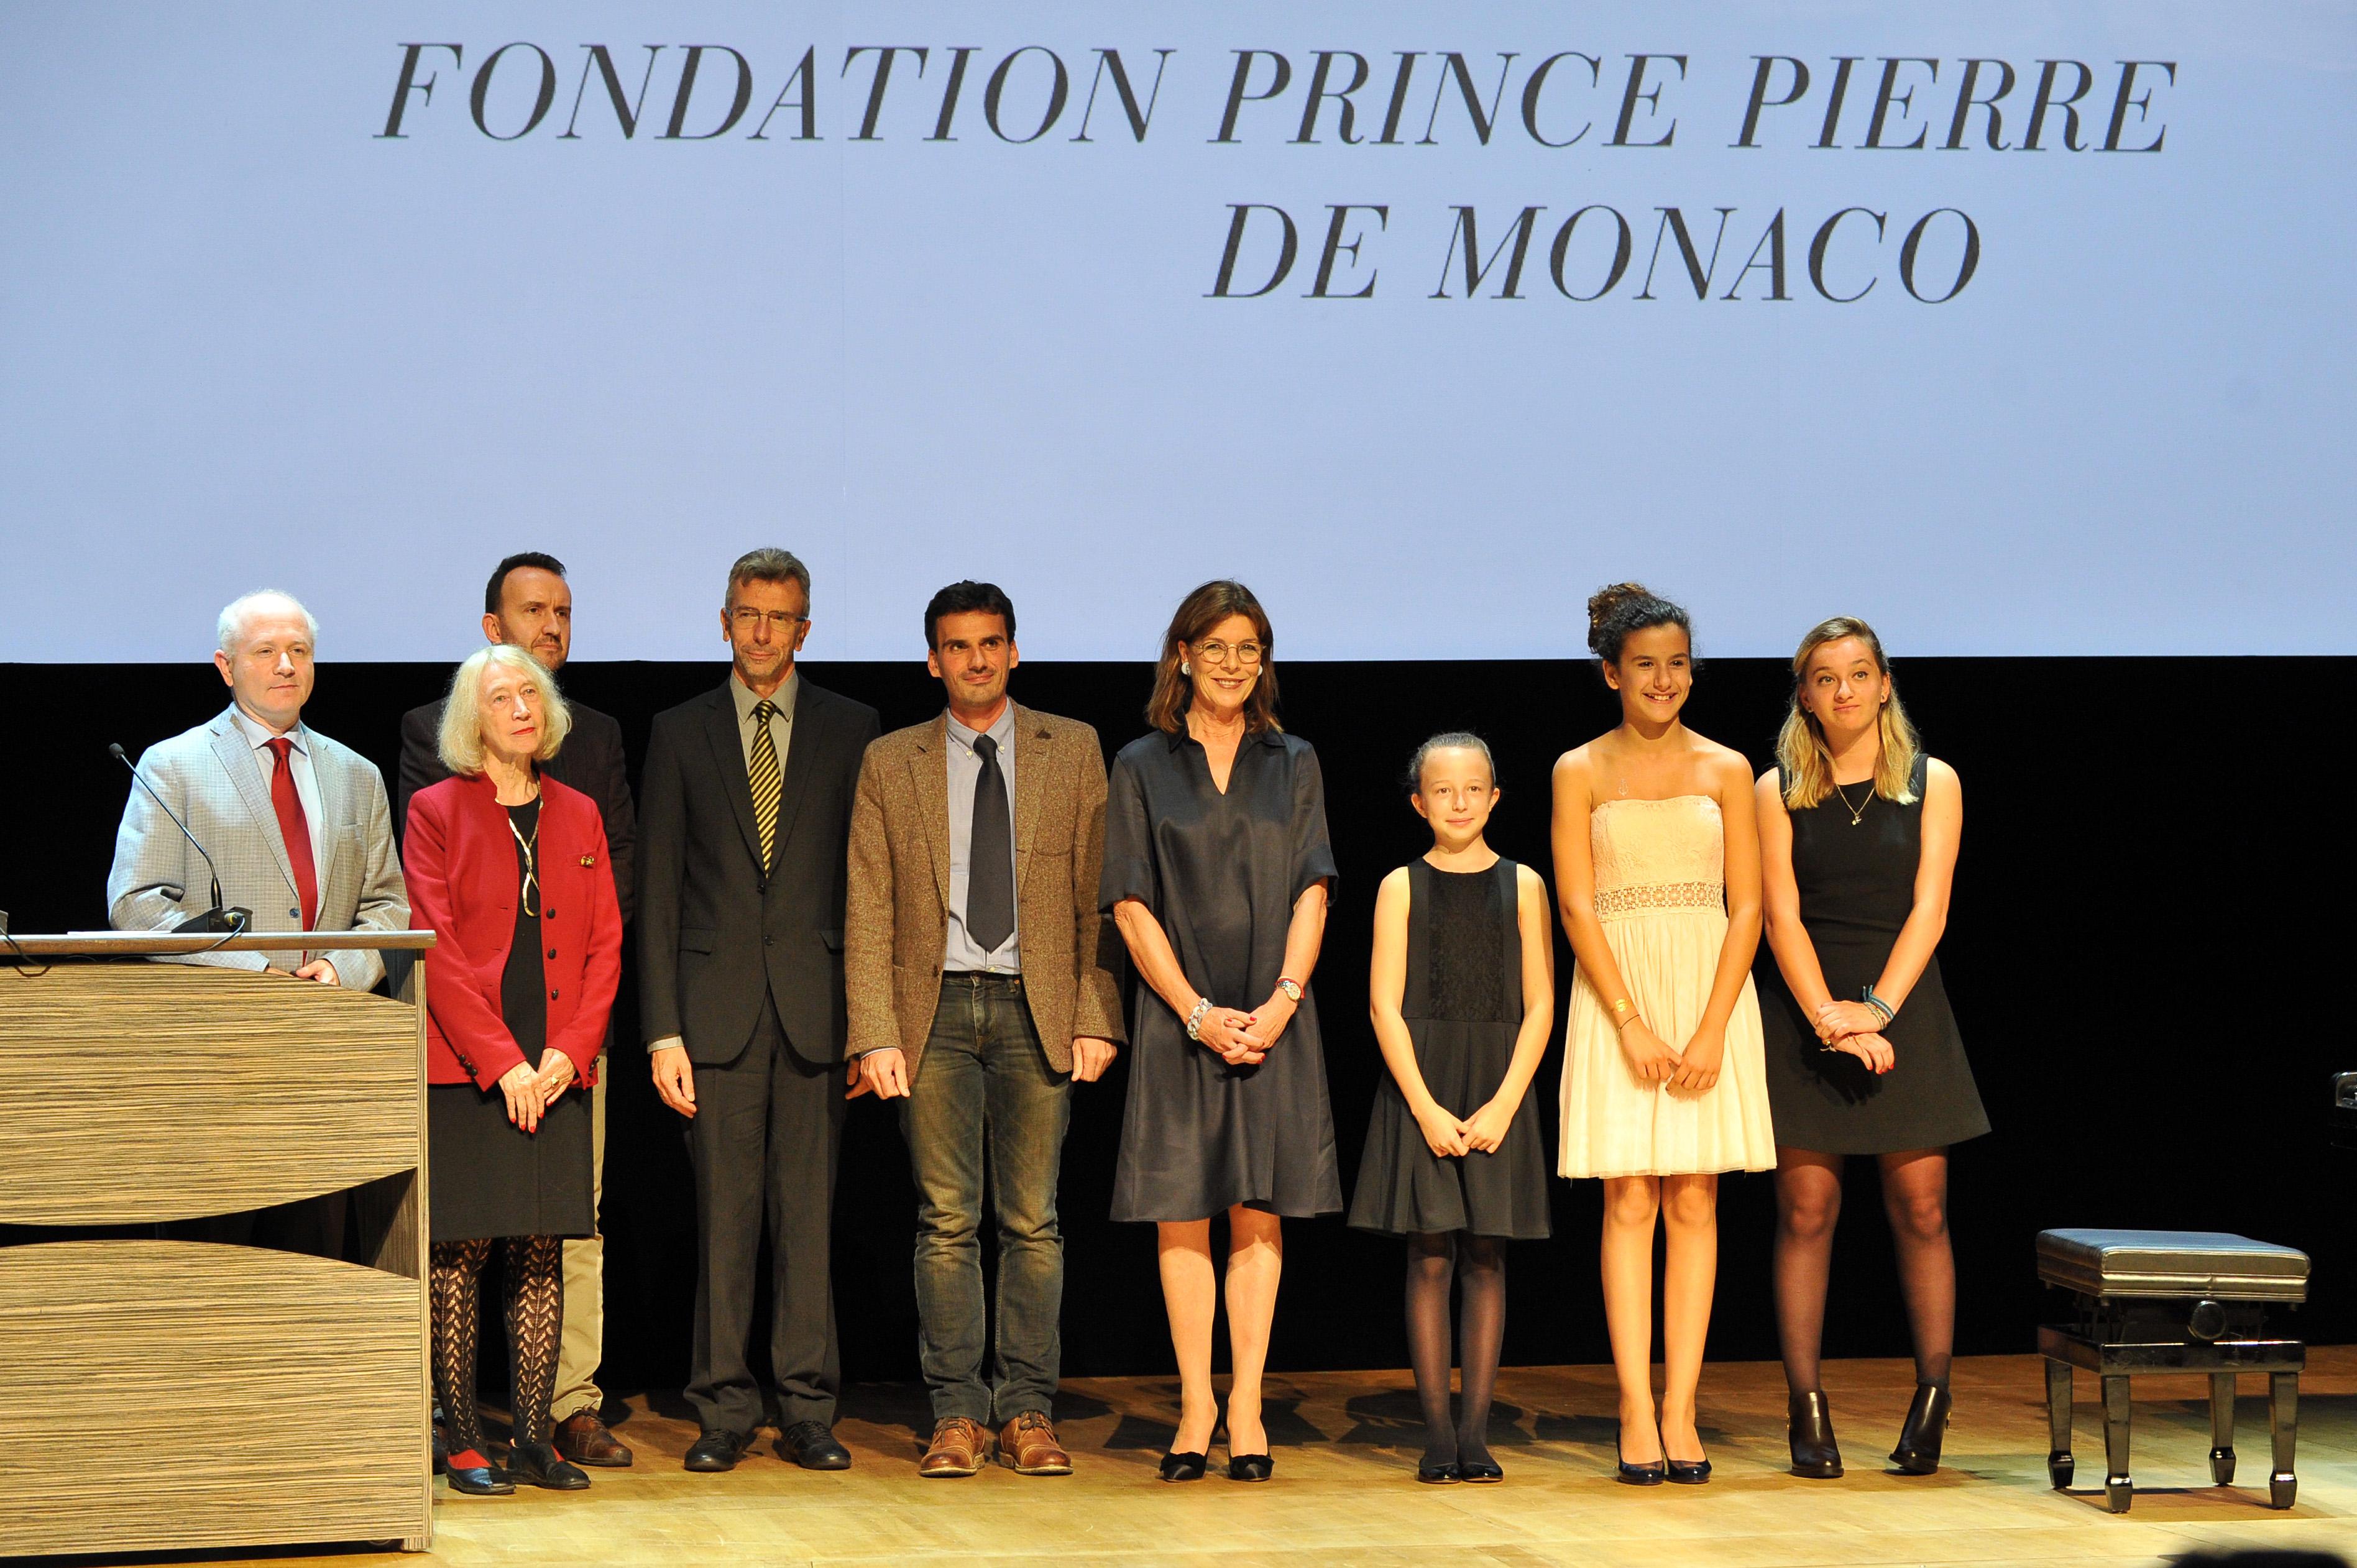 Fondation prince pierre - Pierre de comblanchien prix ...